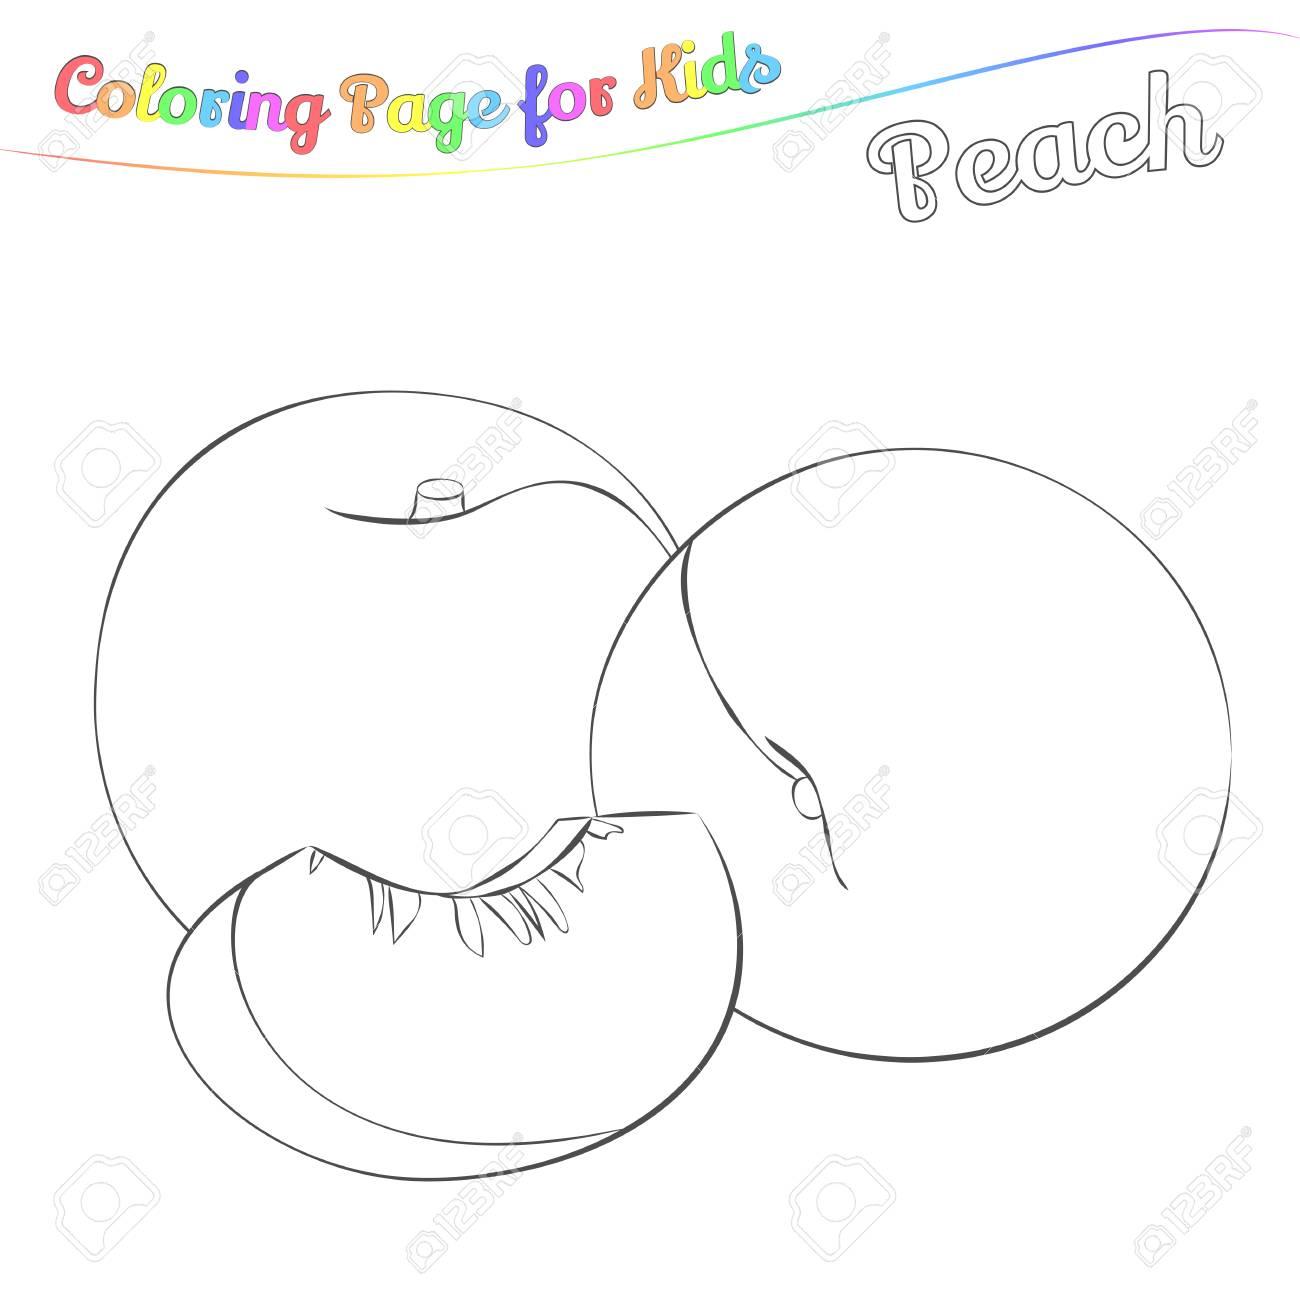 Peche Delicieuse A Colorier Style De Dessin Anime Simple Page Pour L Art Livre De Coloriage Pour Les Enfants Illustration Vectorielle